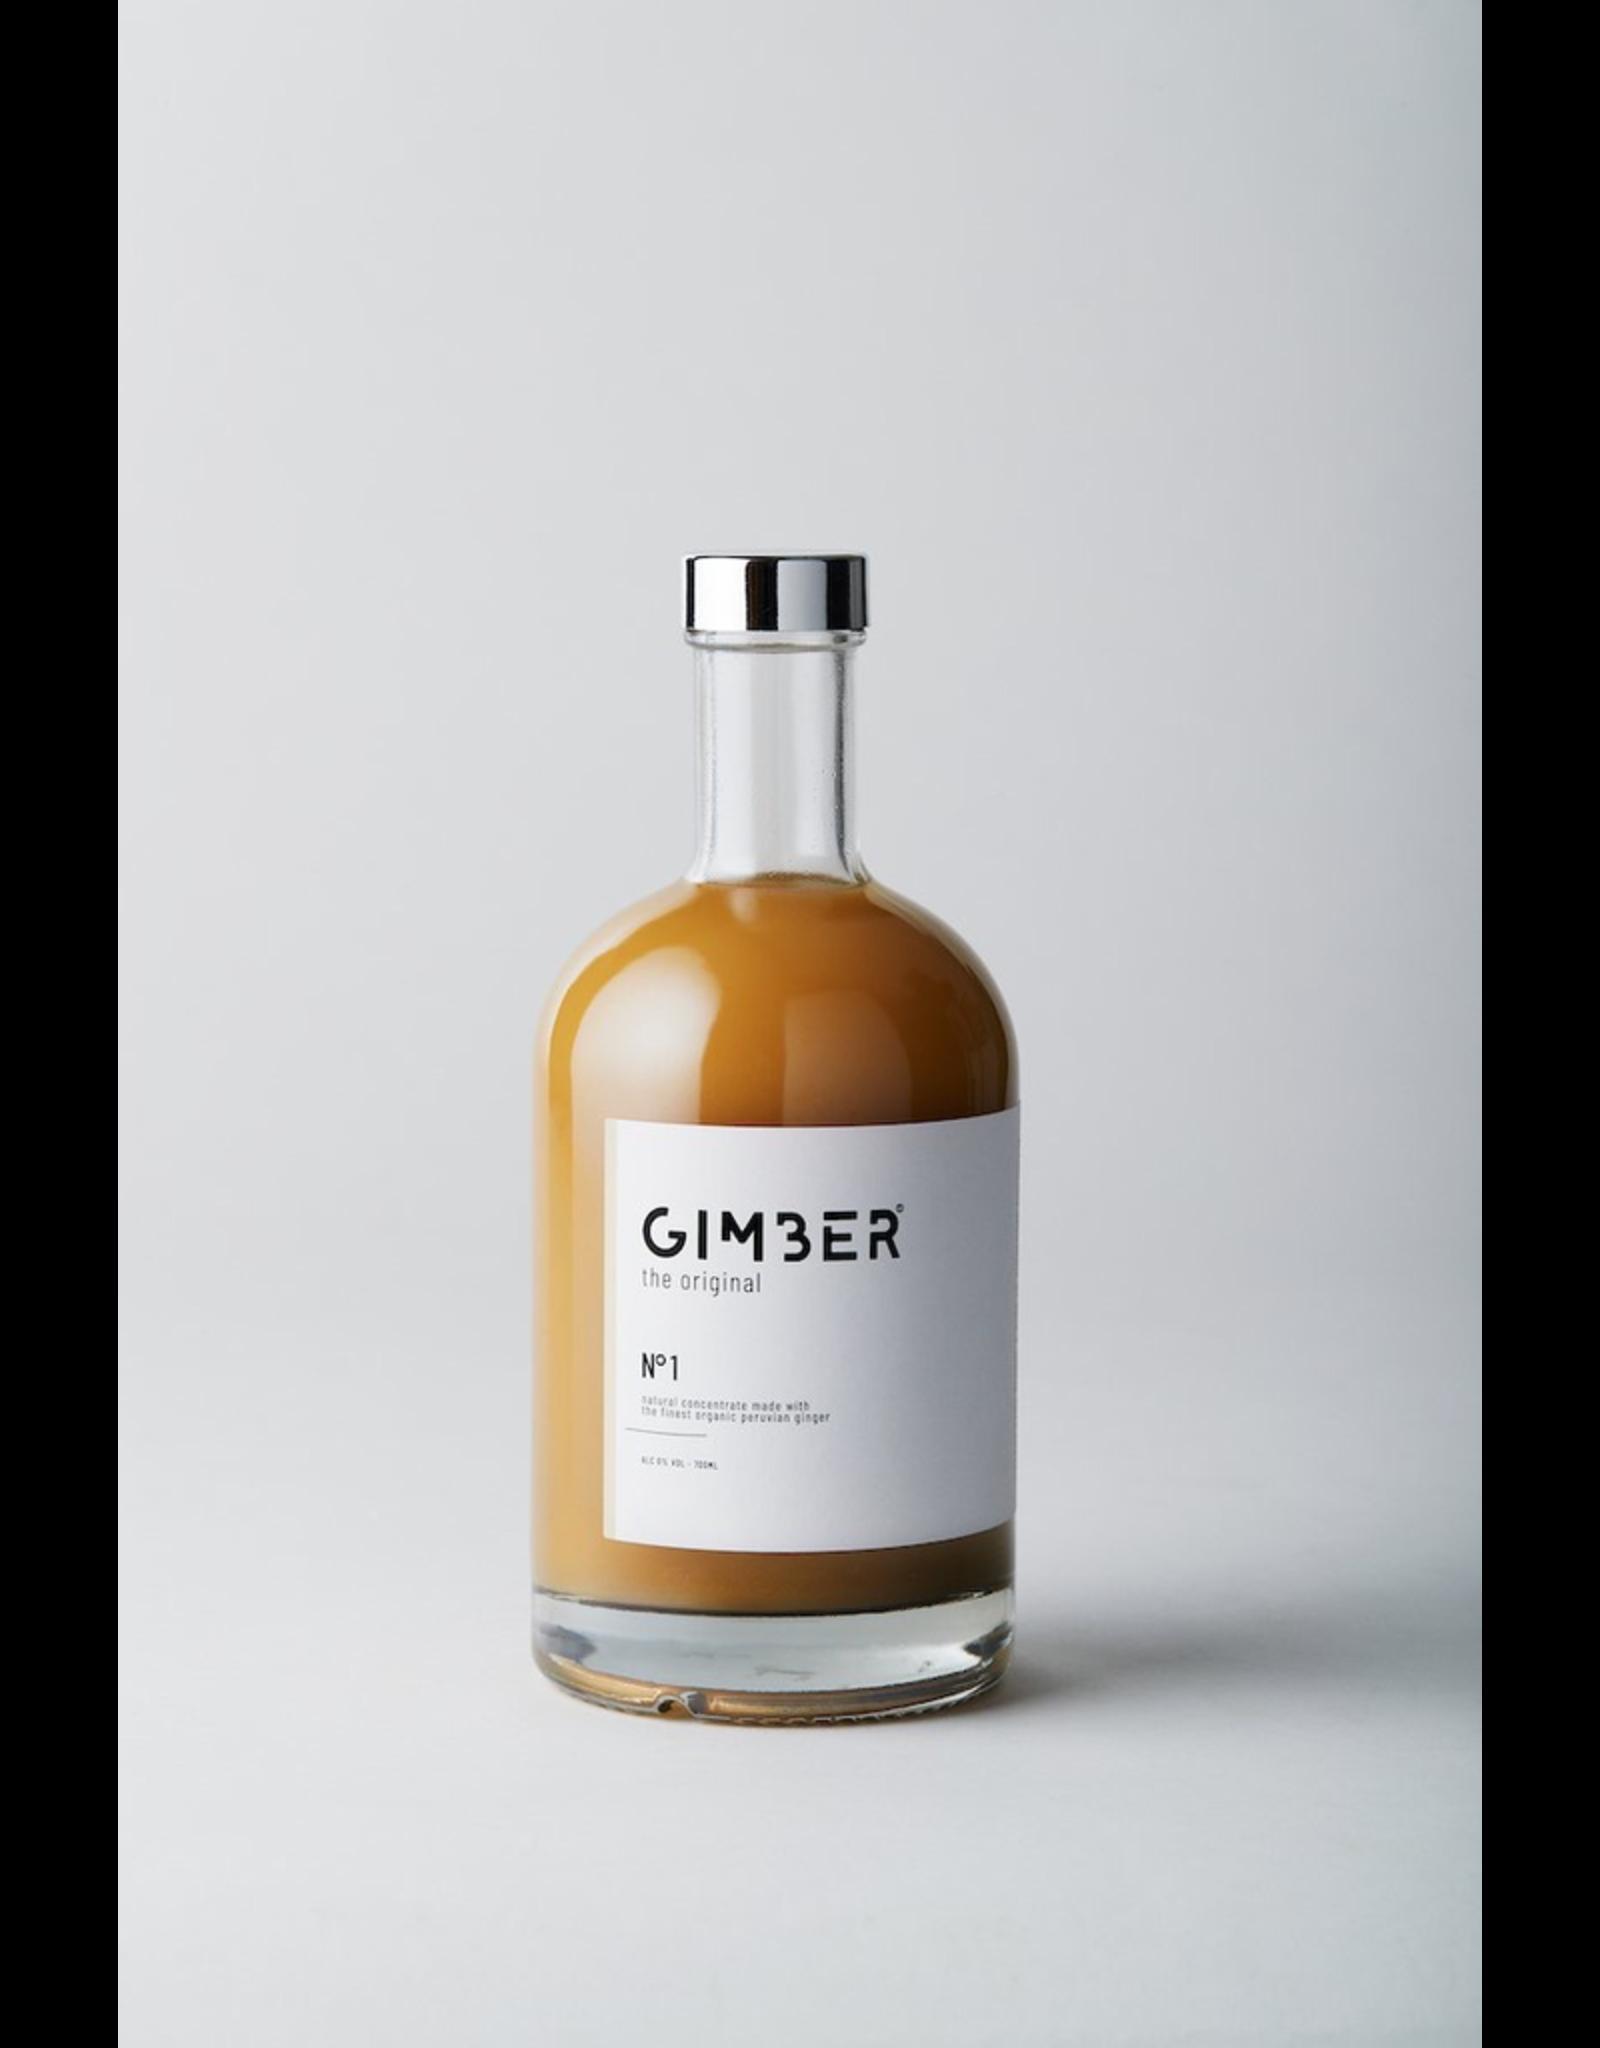 GIMBER The Original Gimber 700ml